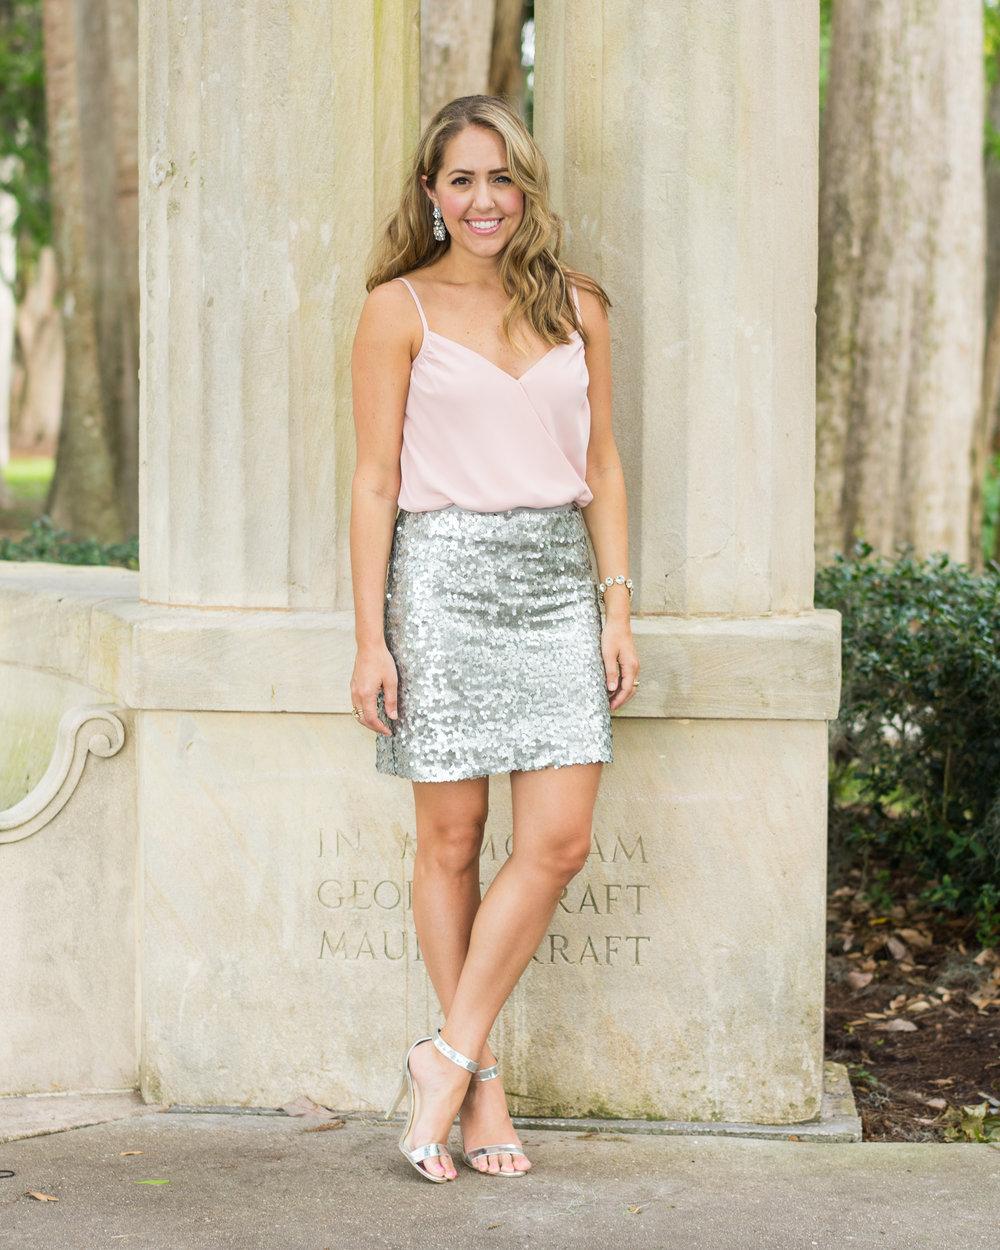 Blush bodysuit, silver sequin skirt